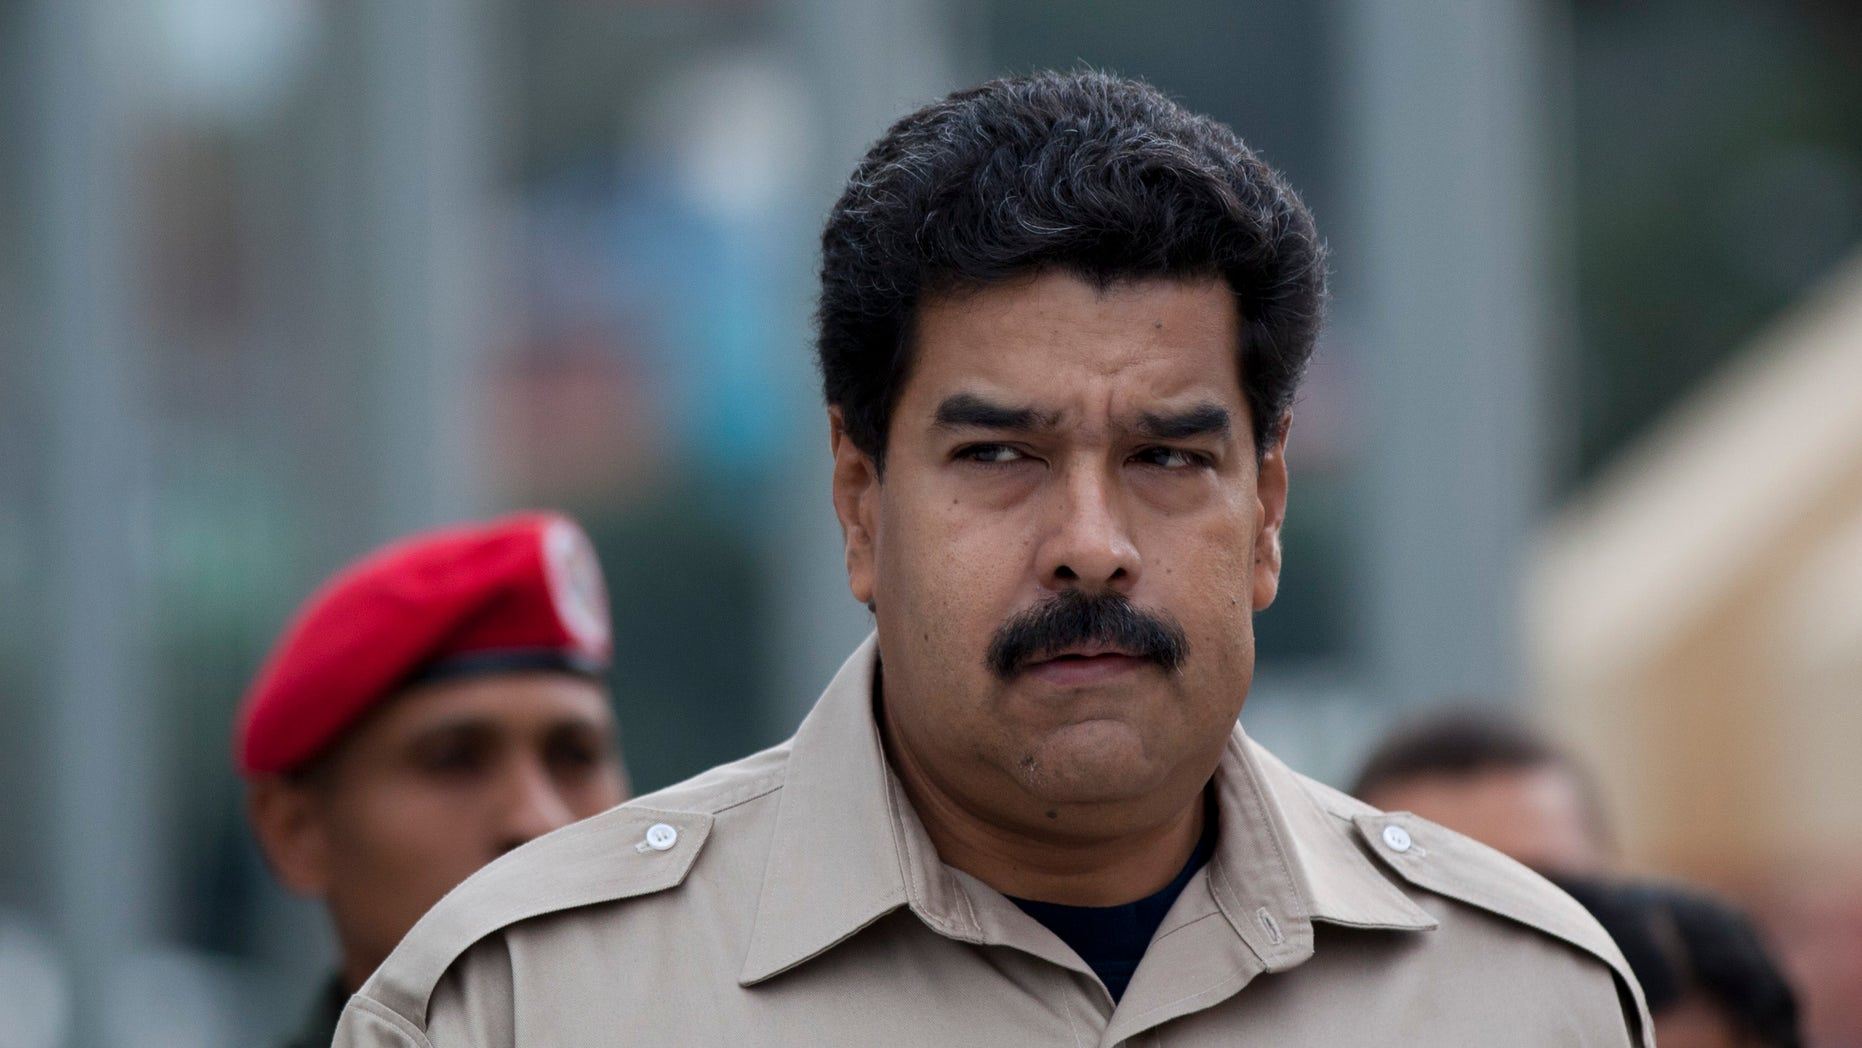 En imagen del martes 5 de noviembre de 2013, el presidente venezolano Nicolás Maduro llega al museo militar para visitar la tumba de su antecesor Hugo Chávez en Caracas. El mandatario ordenó a las autoridades tomar control de la cadena de tiendas Daka, a cuyos propietarios acusa de especular. (Foto de AP/Ariana Cubillos)